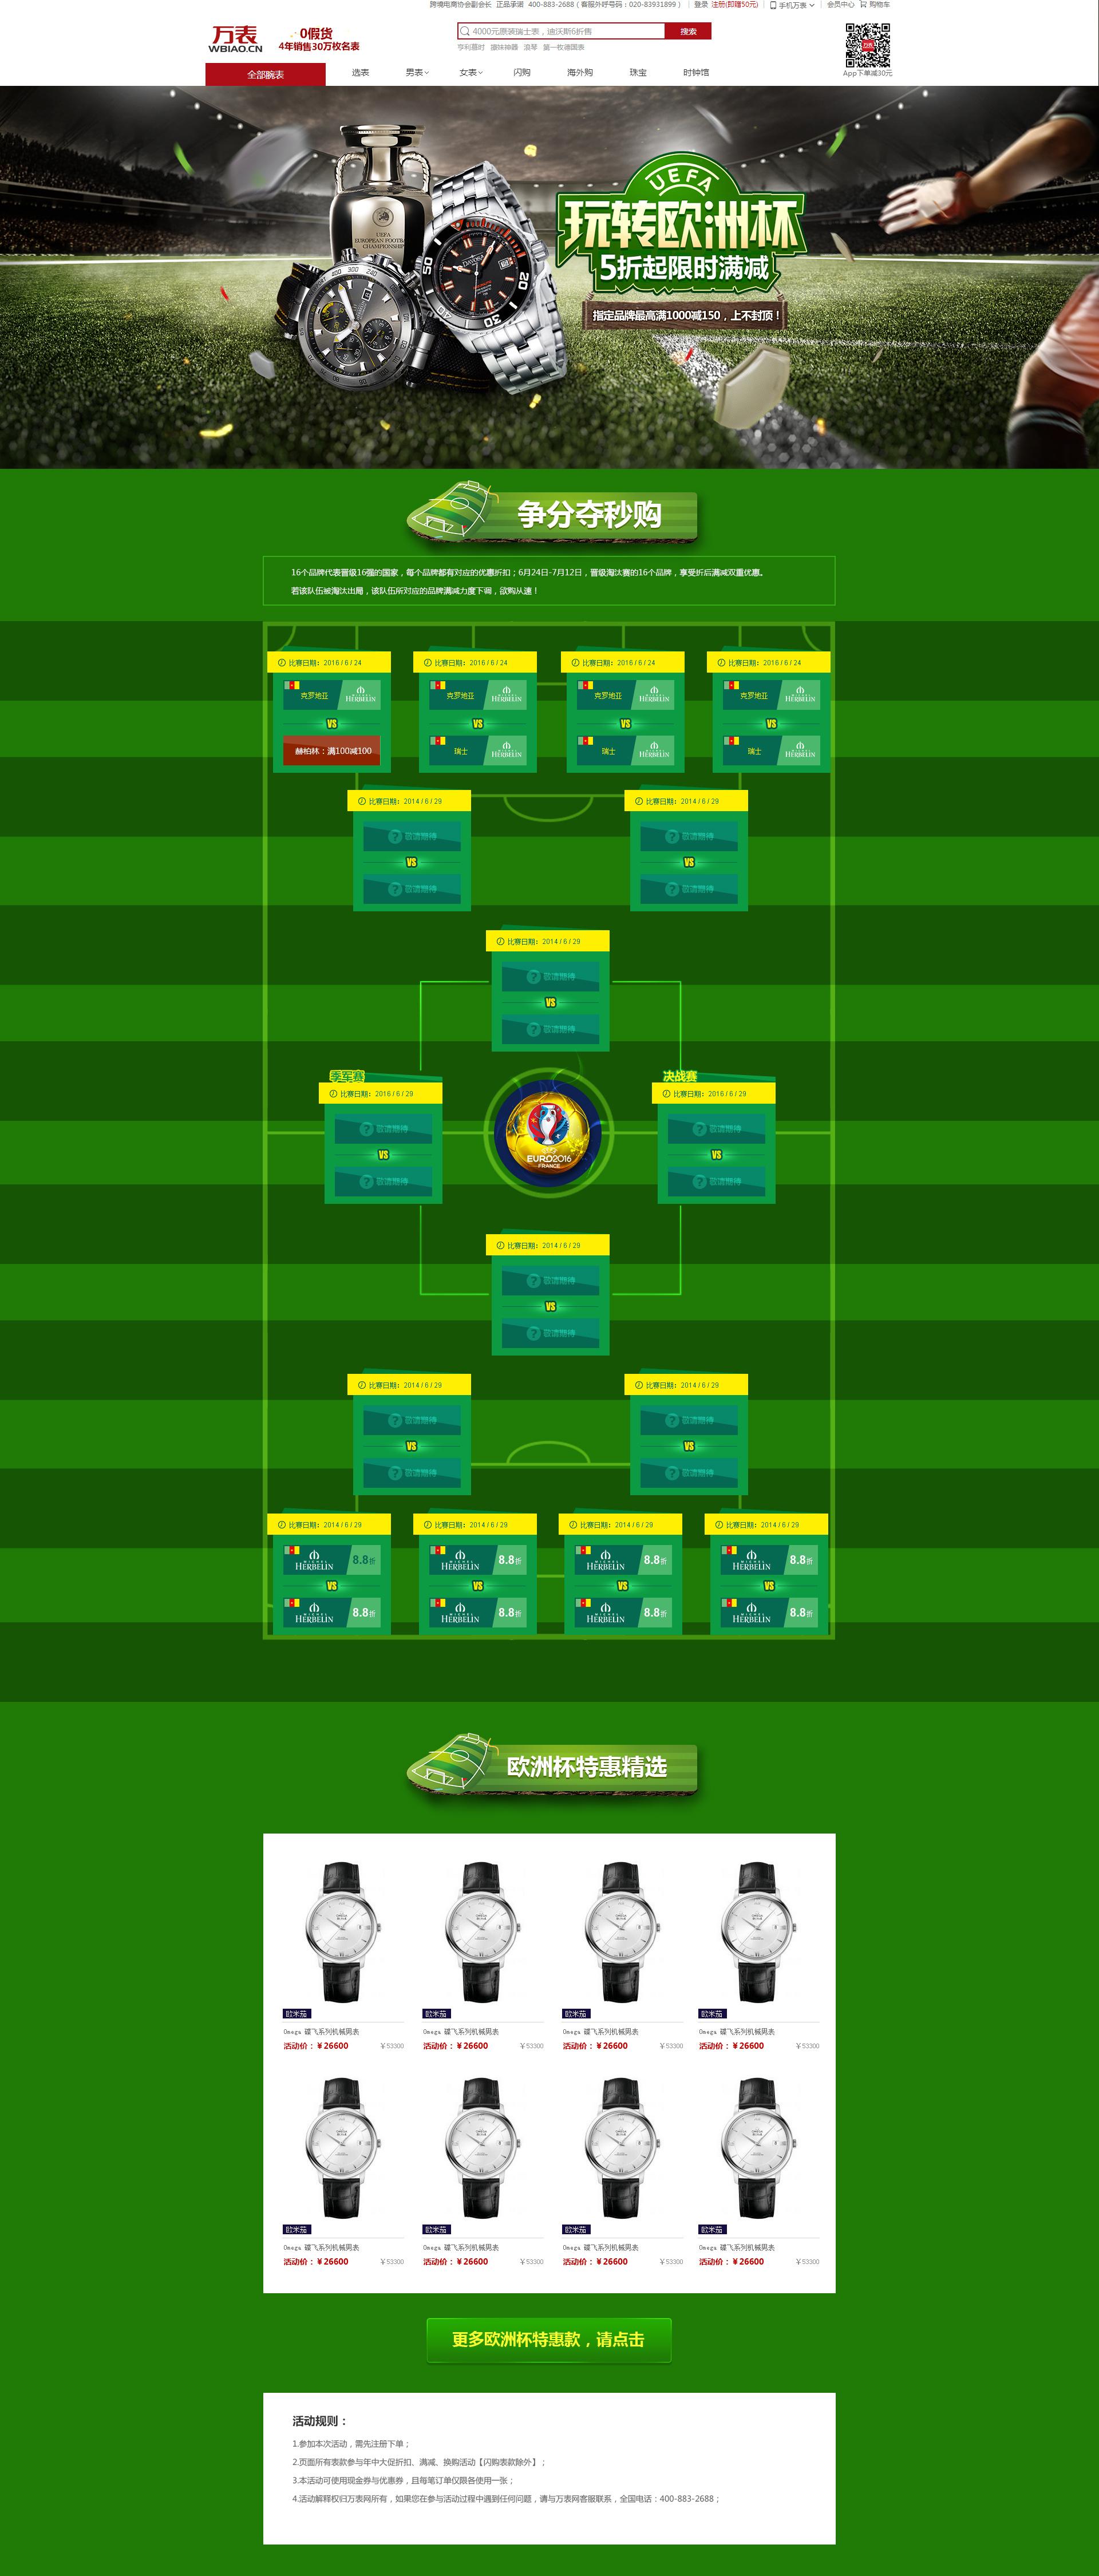 全球专业的电子竞技平台 - 浩方电立即为游戏加速下载竞平台游戏优化大师官方免费下载|游戏优化大师(游戏提速器) v3.9.13929 .游侠对战平台正式版(版本号 6.14) 更新日期:2018-5-17 文件大小:60MB 操作系统:32/64位WinXP/Visita/Win7/win8/win10 游侠对战平台联机群:579478540 平台支持所有热门对战单机游戏,如:无主之地2,火炬之光2,黑道圣徒3,死亡岛,地牢守护者等。 凭借.